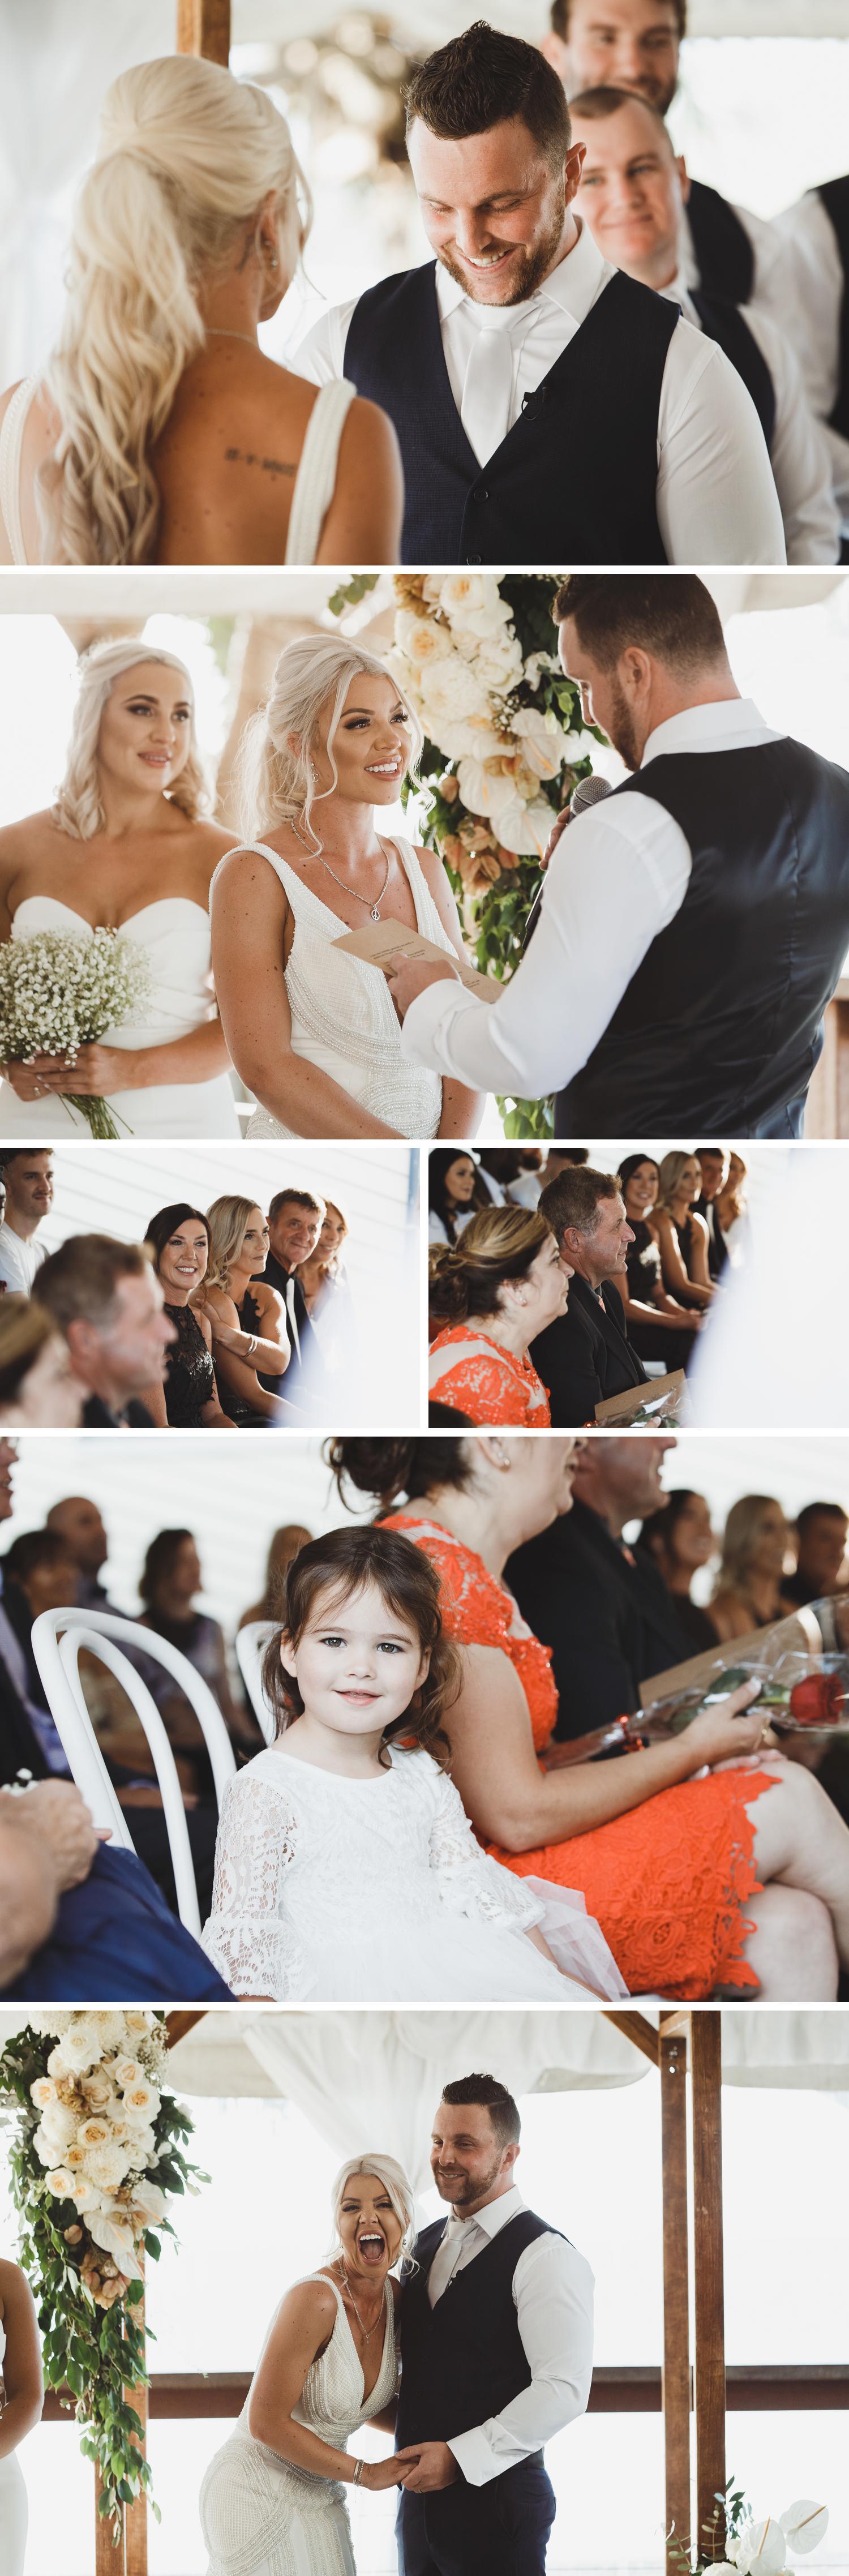 Byron Bay Victoria Wedding Photos, Byron Bay Surf Club Wedding, Bride Walking Down the Aisle Wedding Photos by Danae Studios